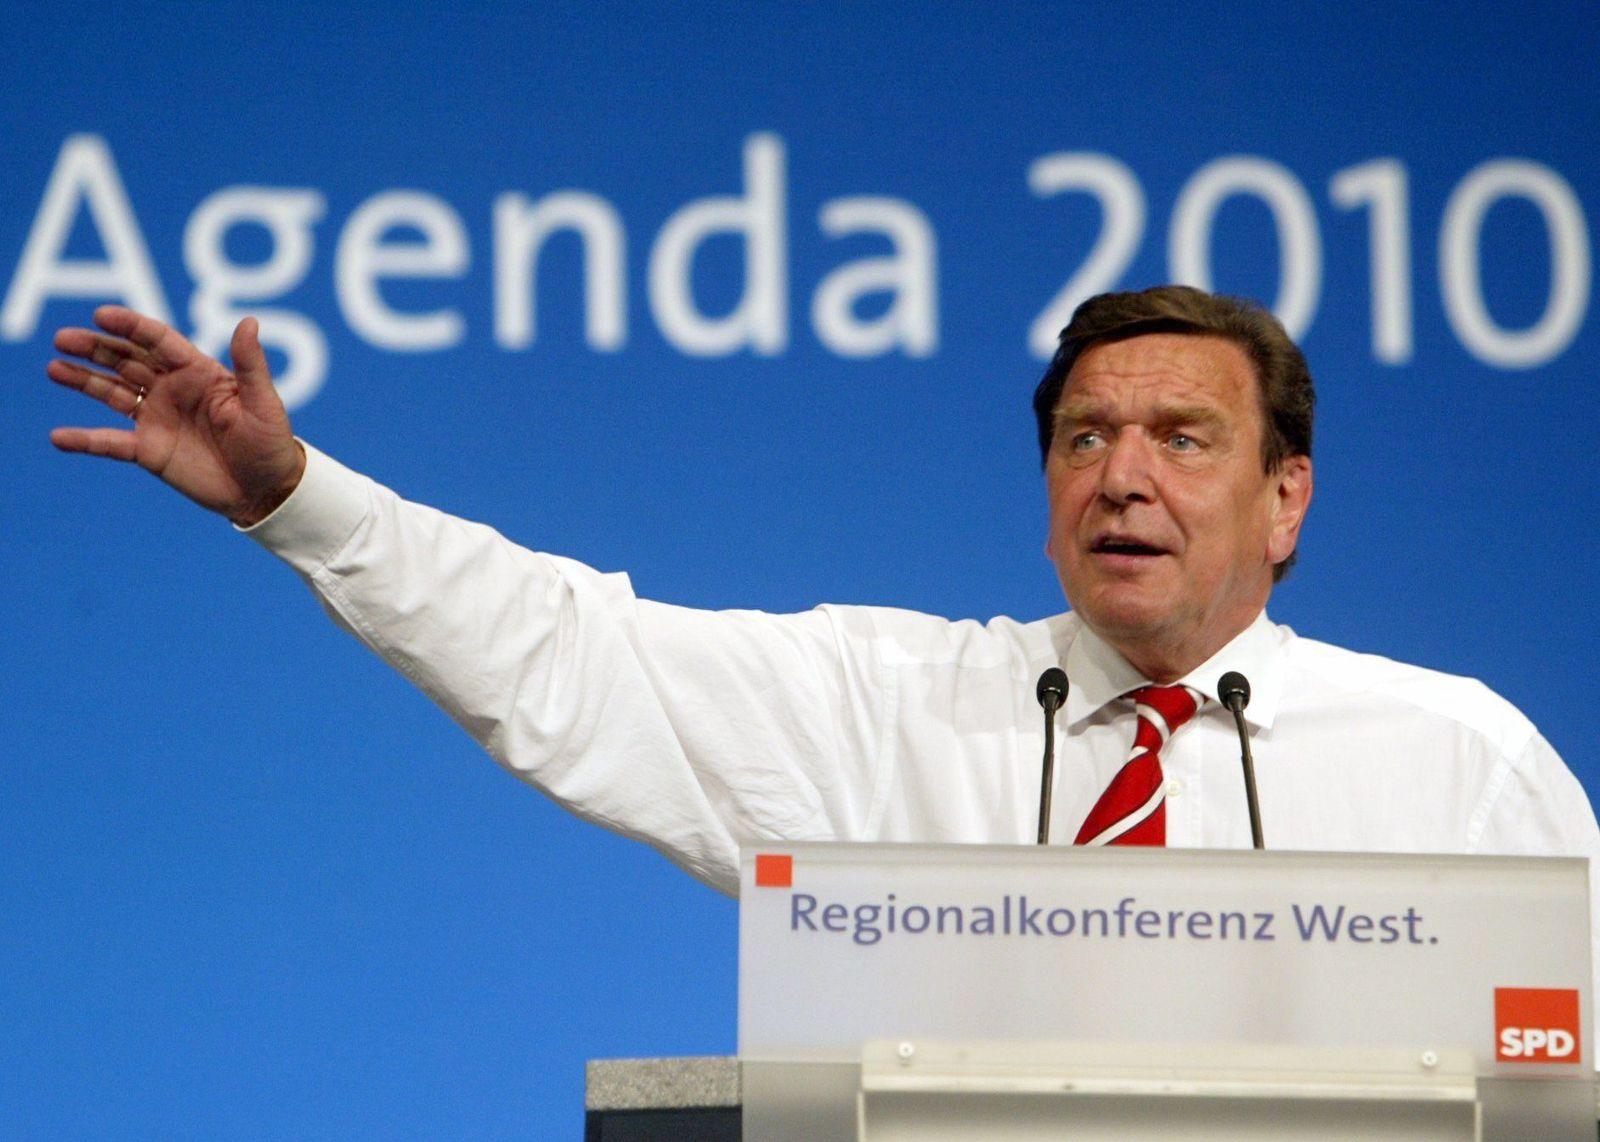 Agenda 2010 / 10. Jahrestag / Gerhard Schröder